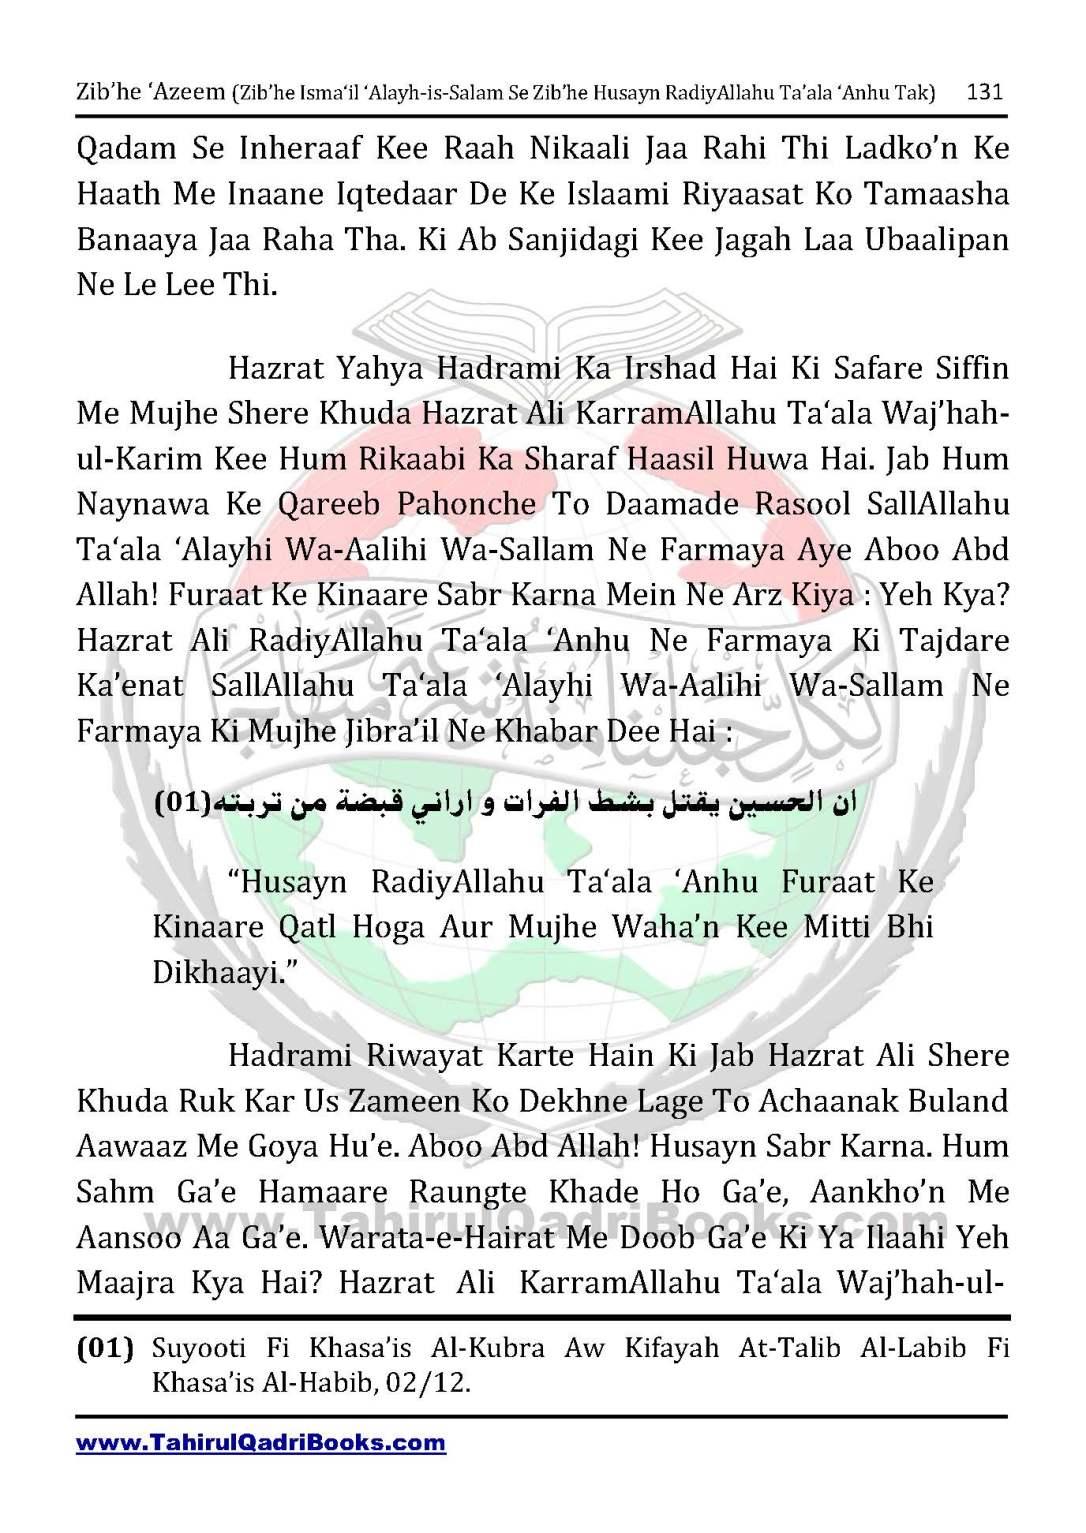 zib_he-e28098azeem-zib_he-ismacabbil-se-zib_he-husayn-tak-in-roman-urdu-unlocked_Page_131